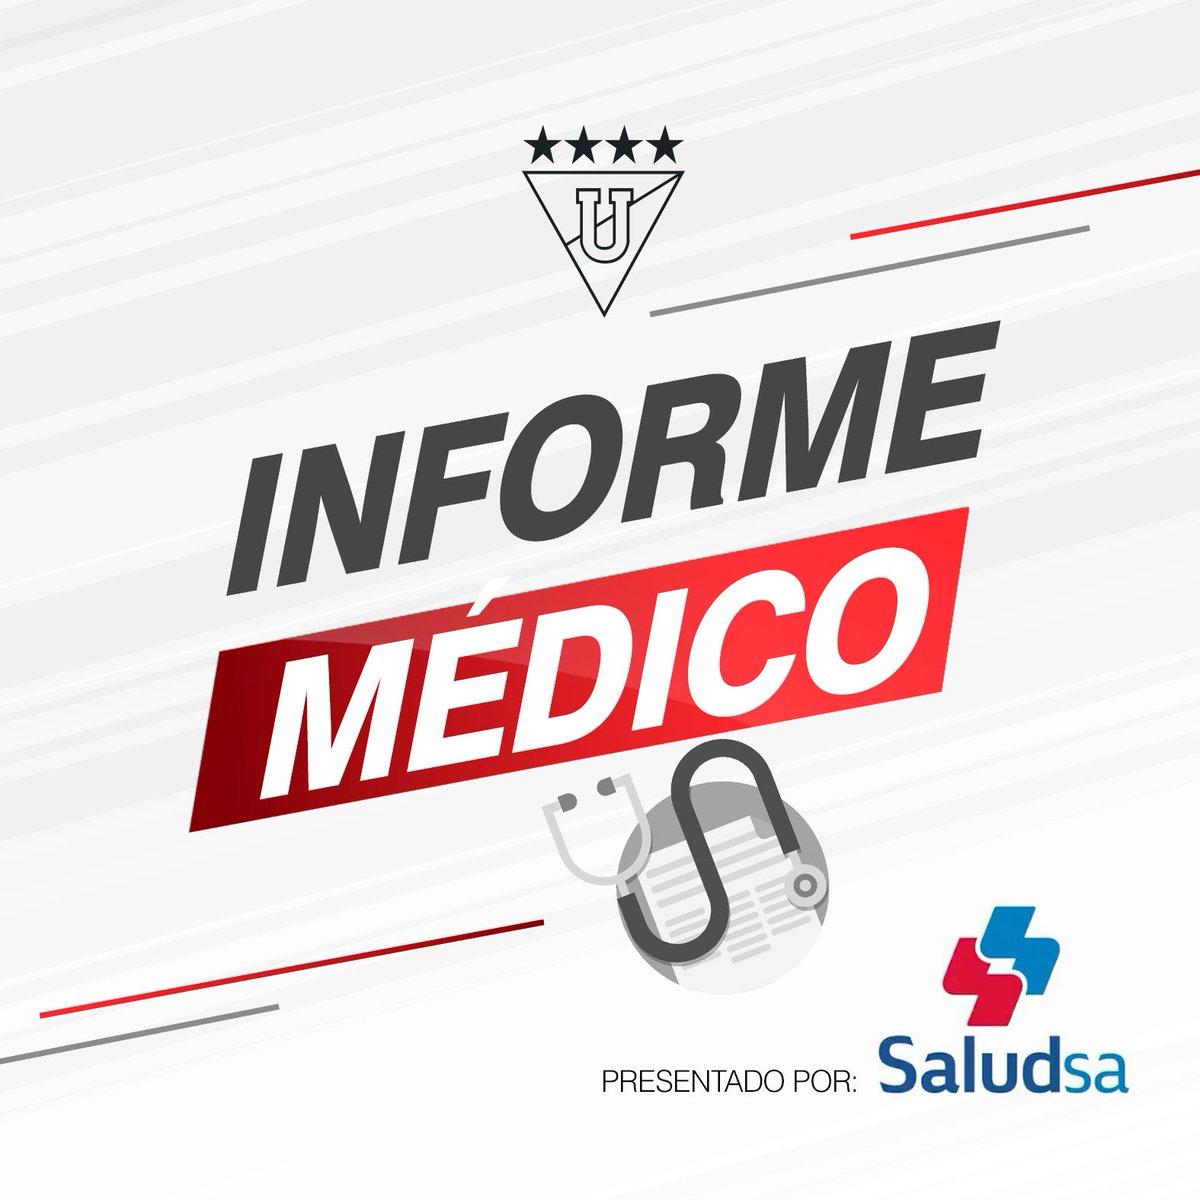 El médico albo Richard Cabezas nos comparte una actualización del estado de los guerreros albos lesionados. Informe médico presentado por: @Esaludsa  📋 https://www.ldu.com.ec/home/2019/02/20/informe-medico-19-02-2019/…